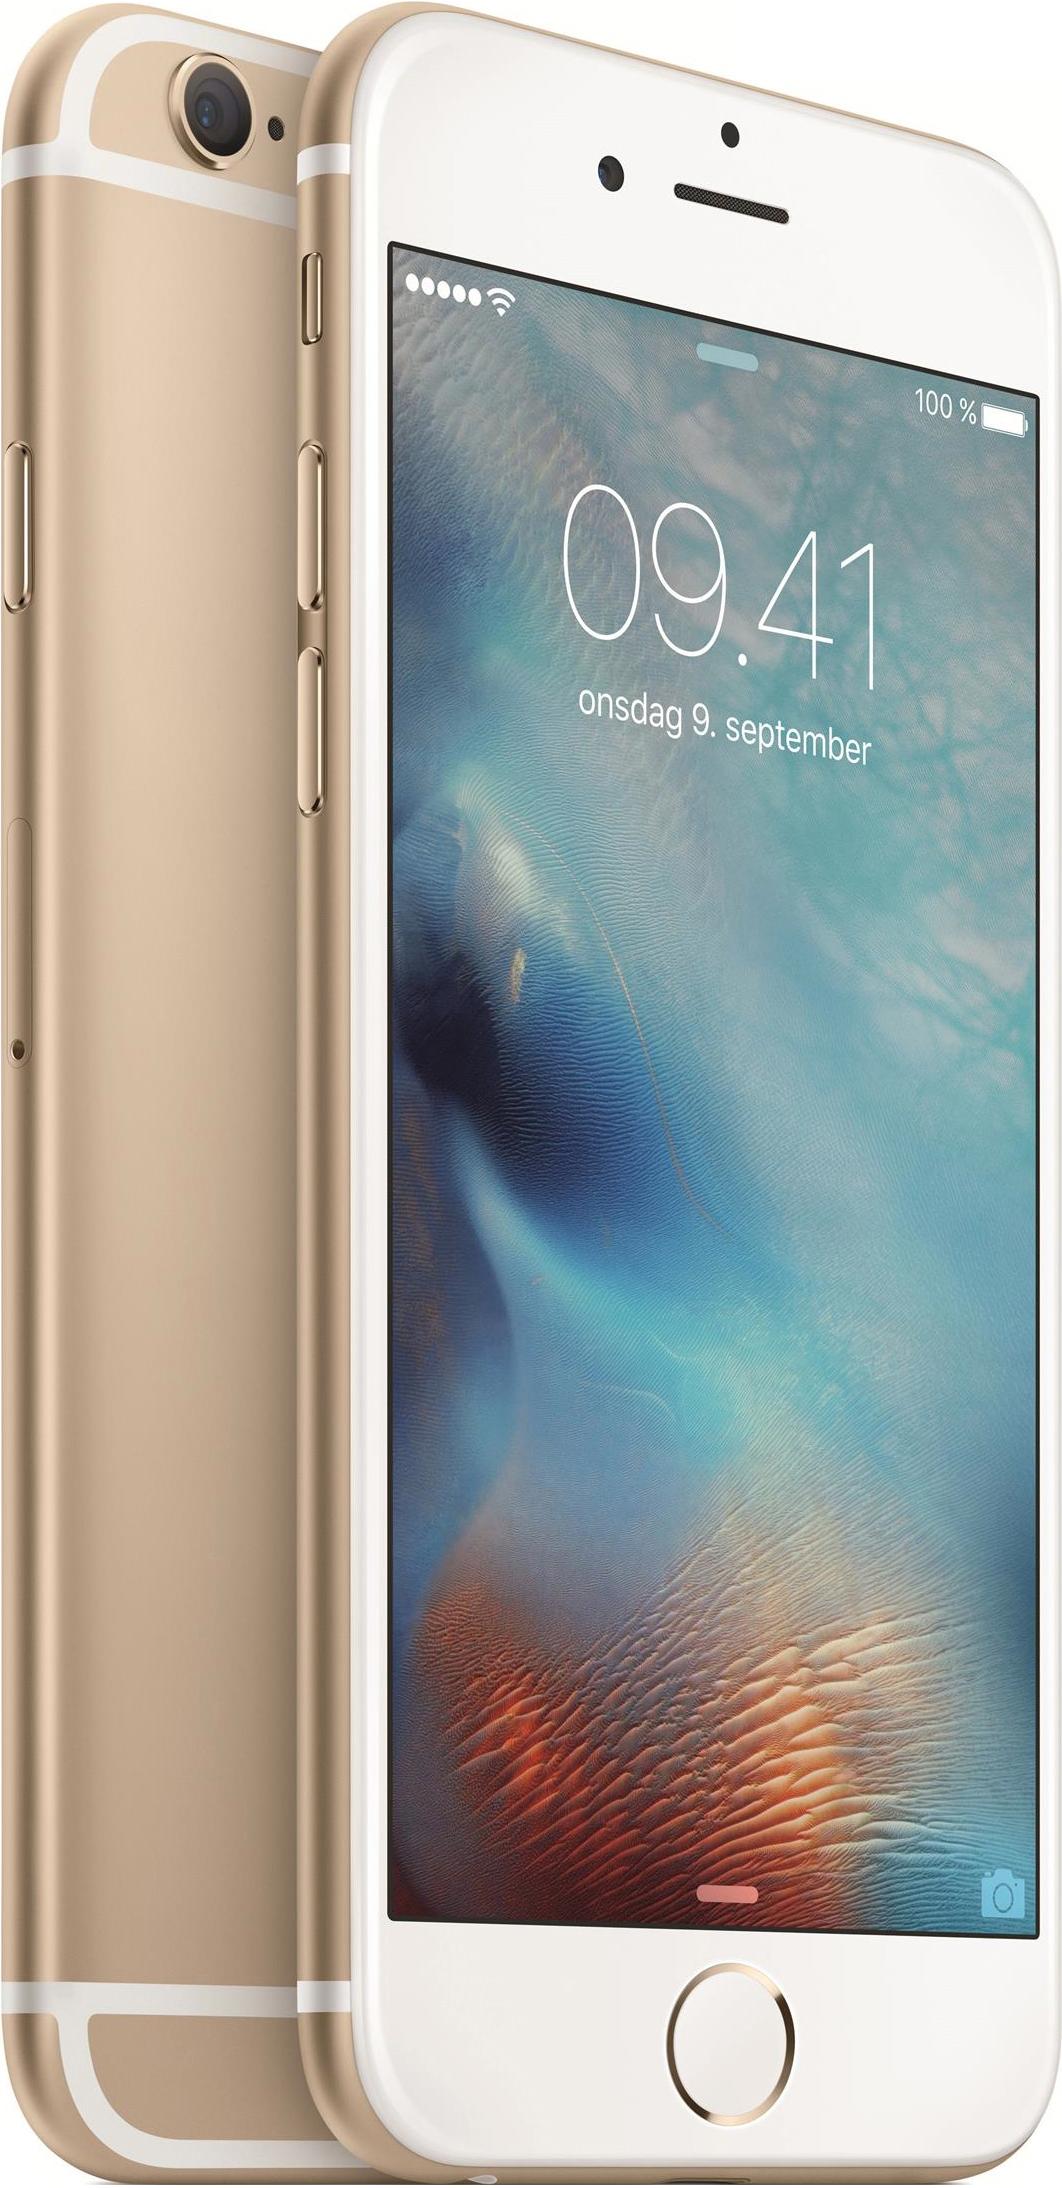 Apple ≫ Iphone 6S Plus Iphone >